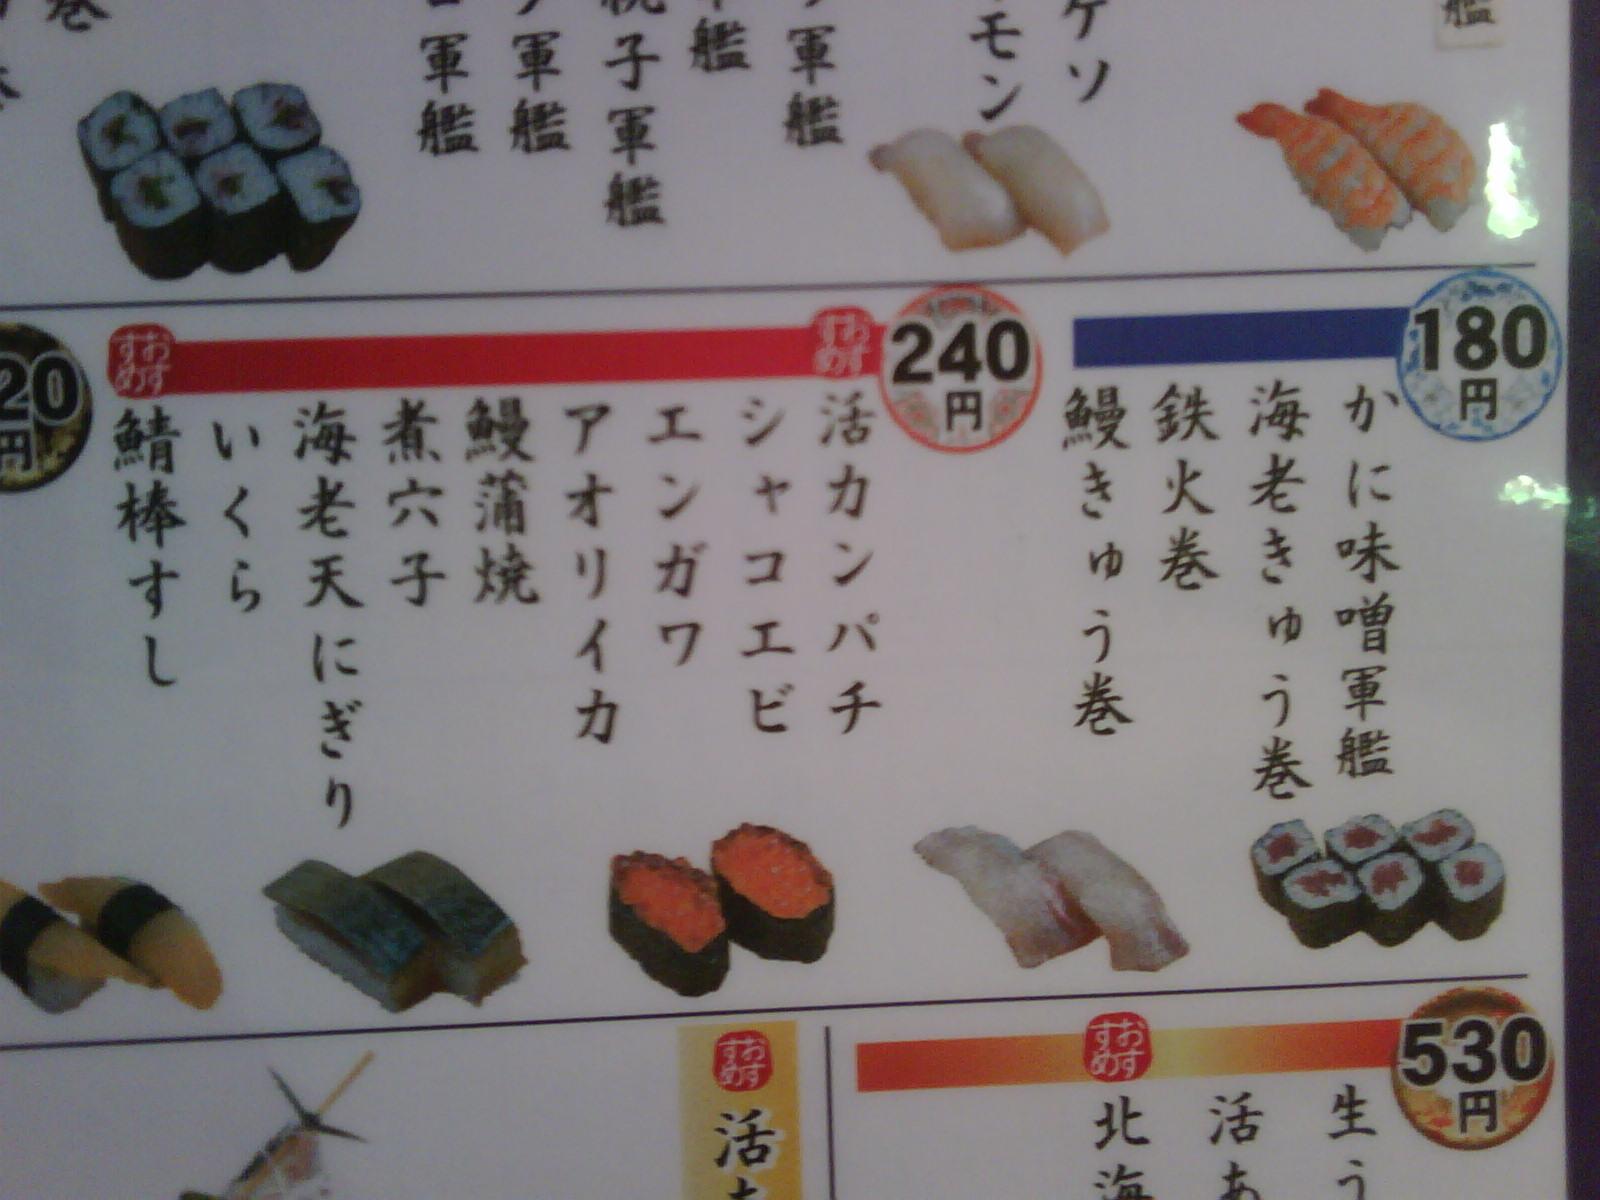 魚庭 緑ヶ丘店